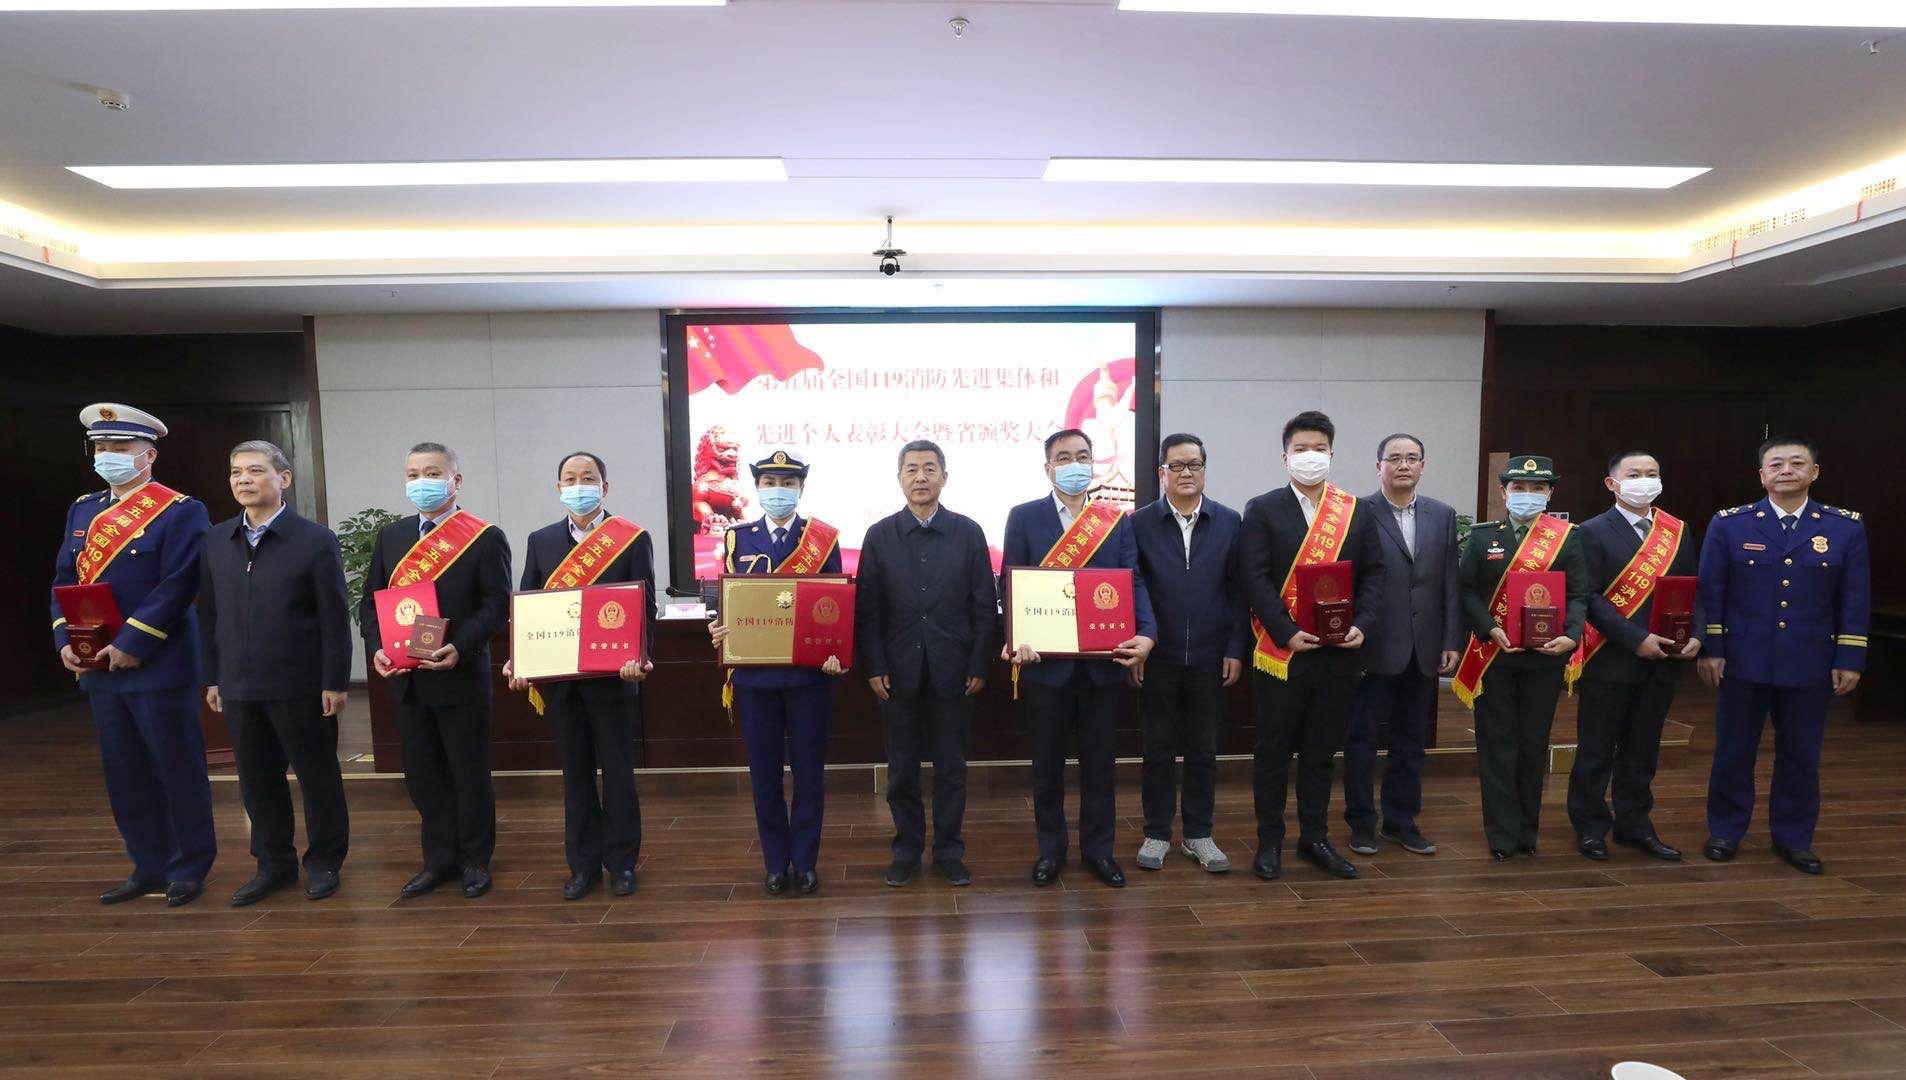 周安东荣获第五届全国119消防 先进个人荣誉称号